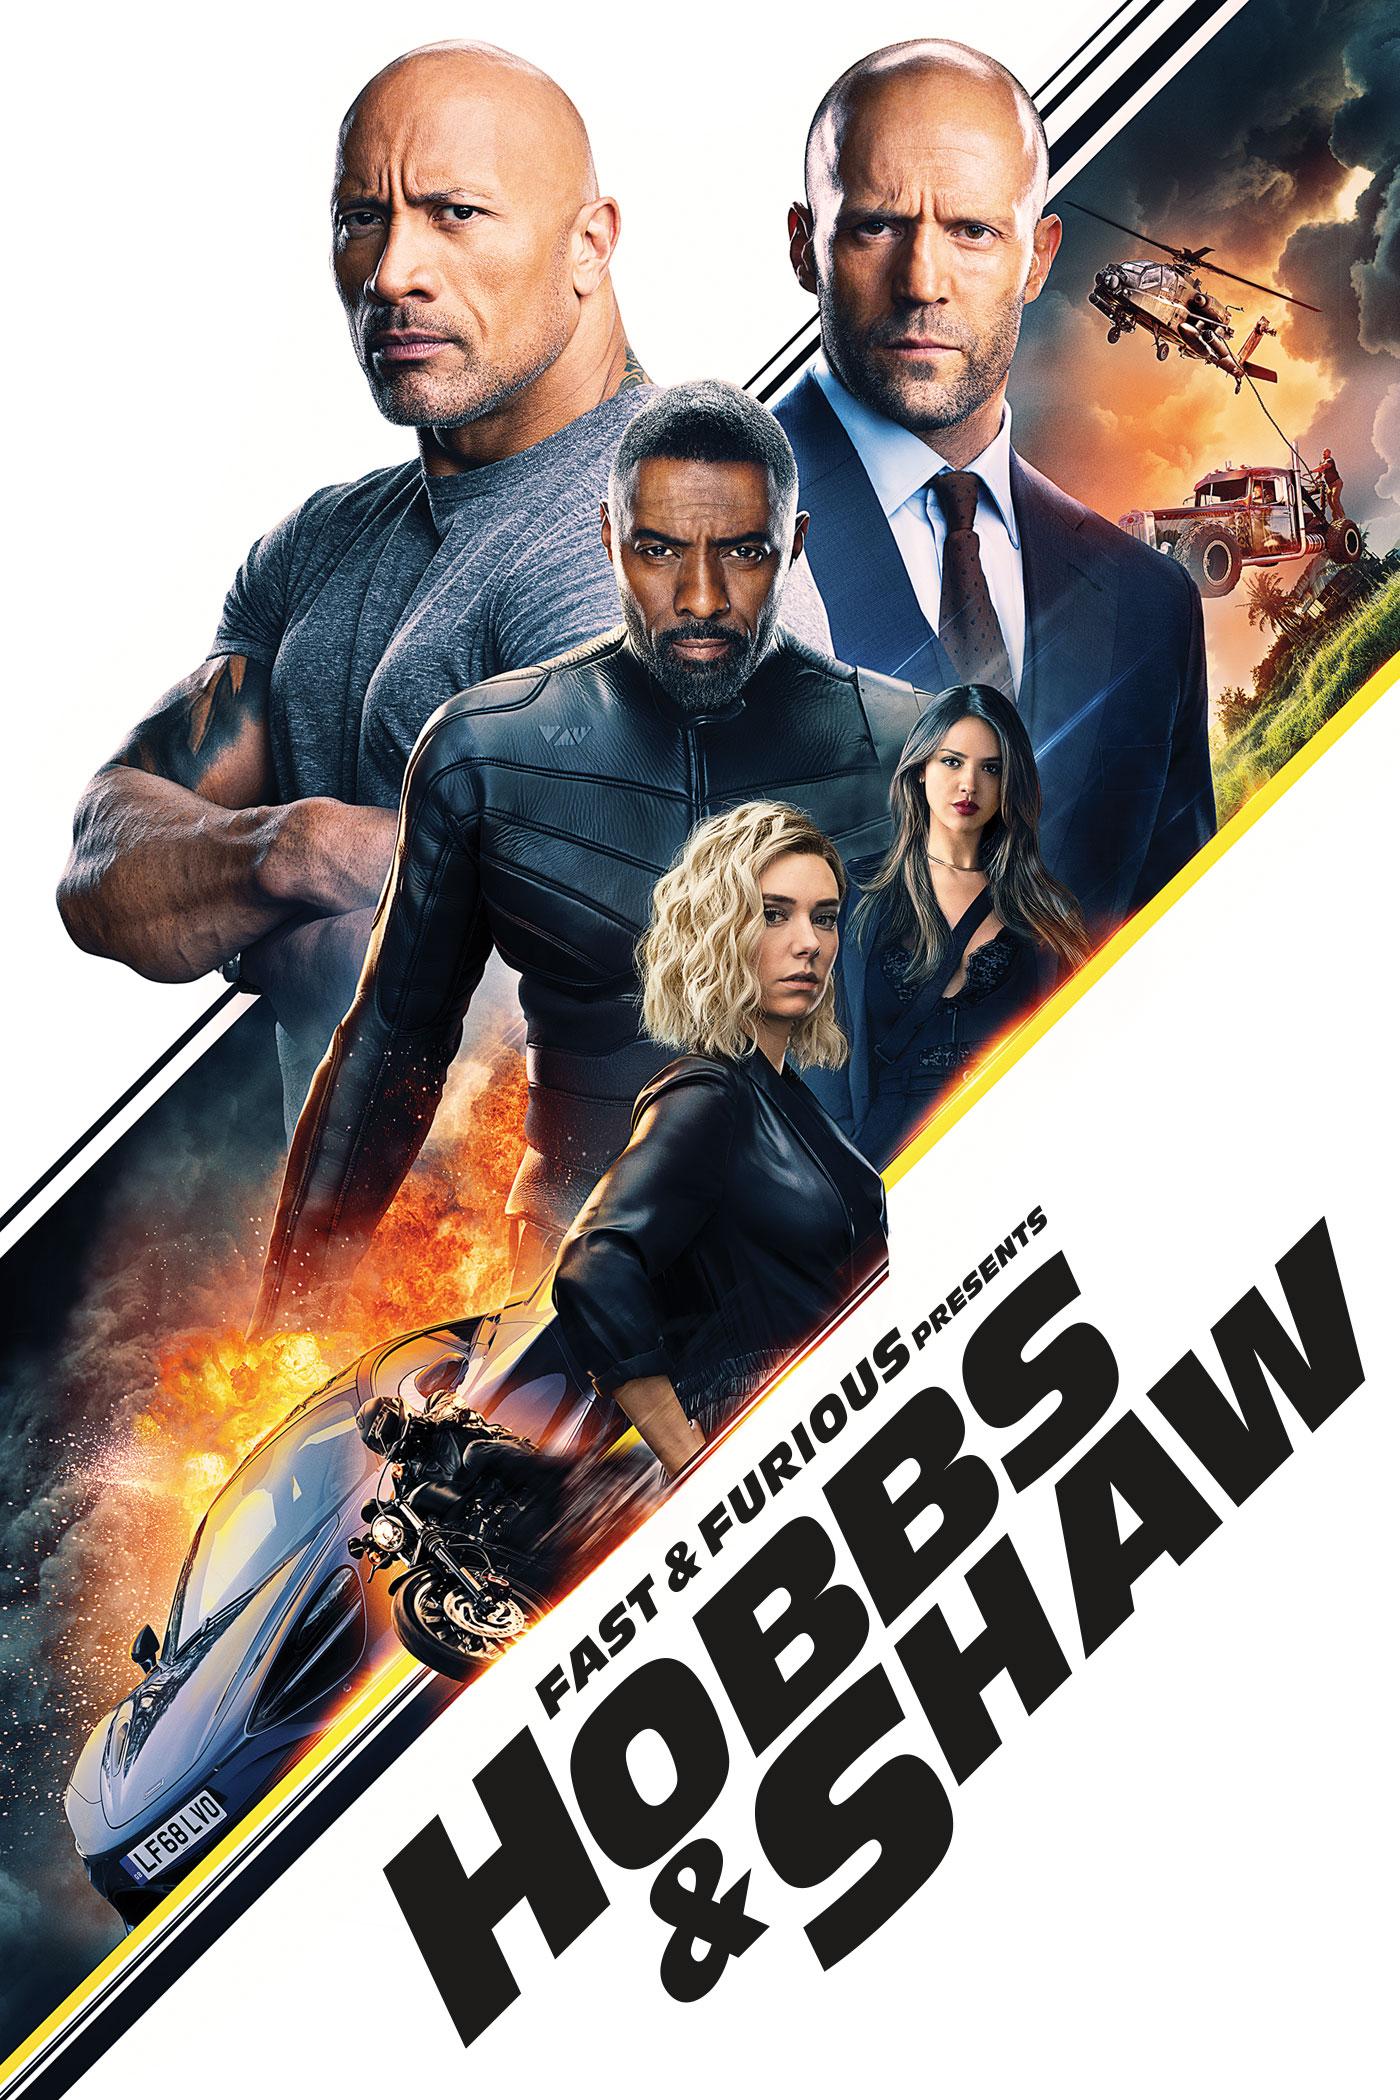 دانلود فيلم سریع و خشن : هابز و شاو Fast & Furious Presents: Hobbs & Shaw 2019